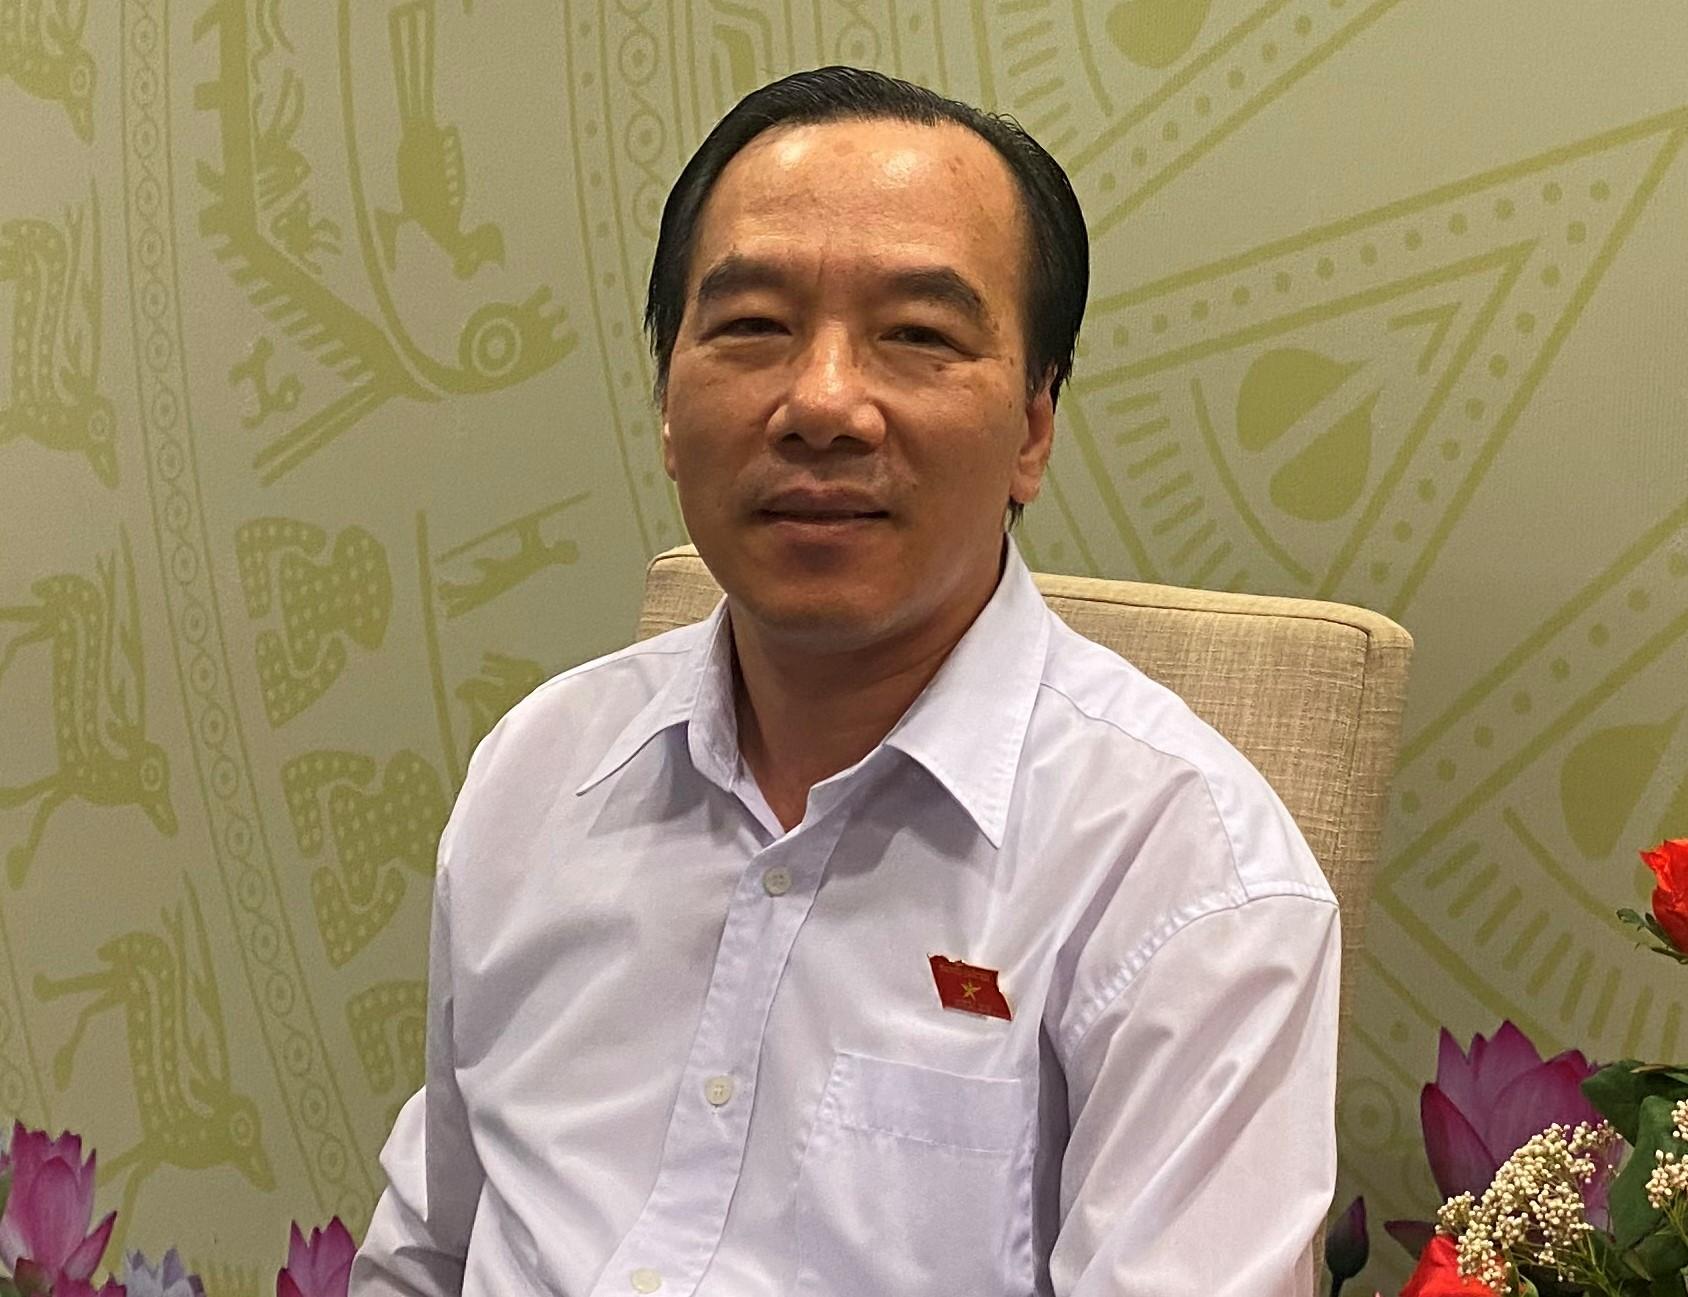 Ông Ngô Sách Thực, Phó Chủ tịch Ủy ban Trung ương Mặt trận Tổ quốc Việt Nam